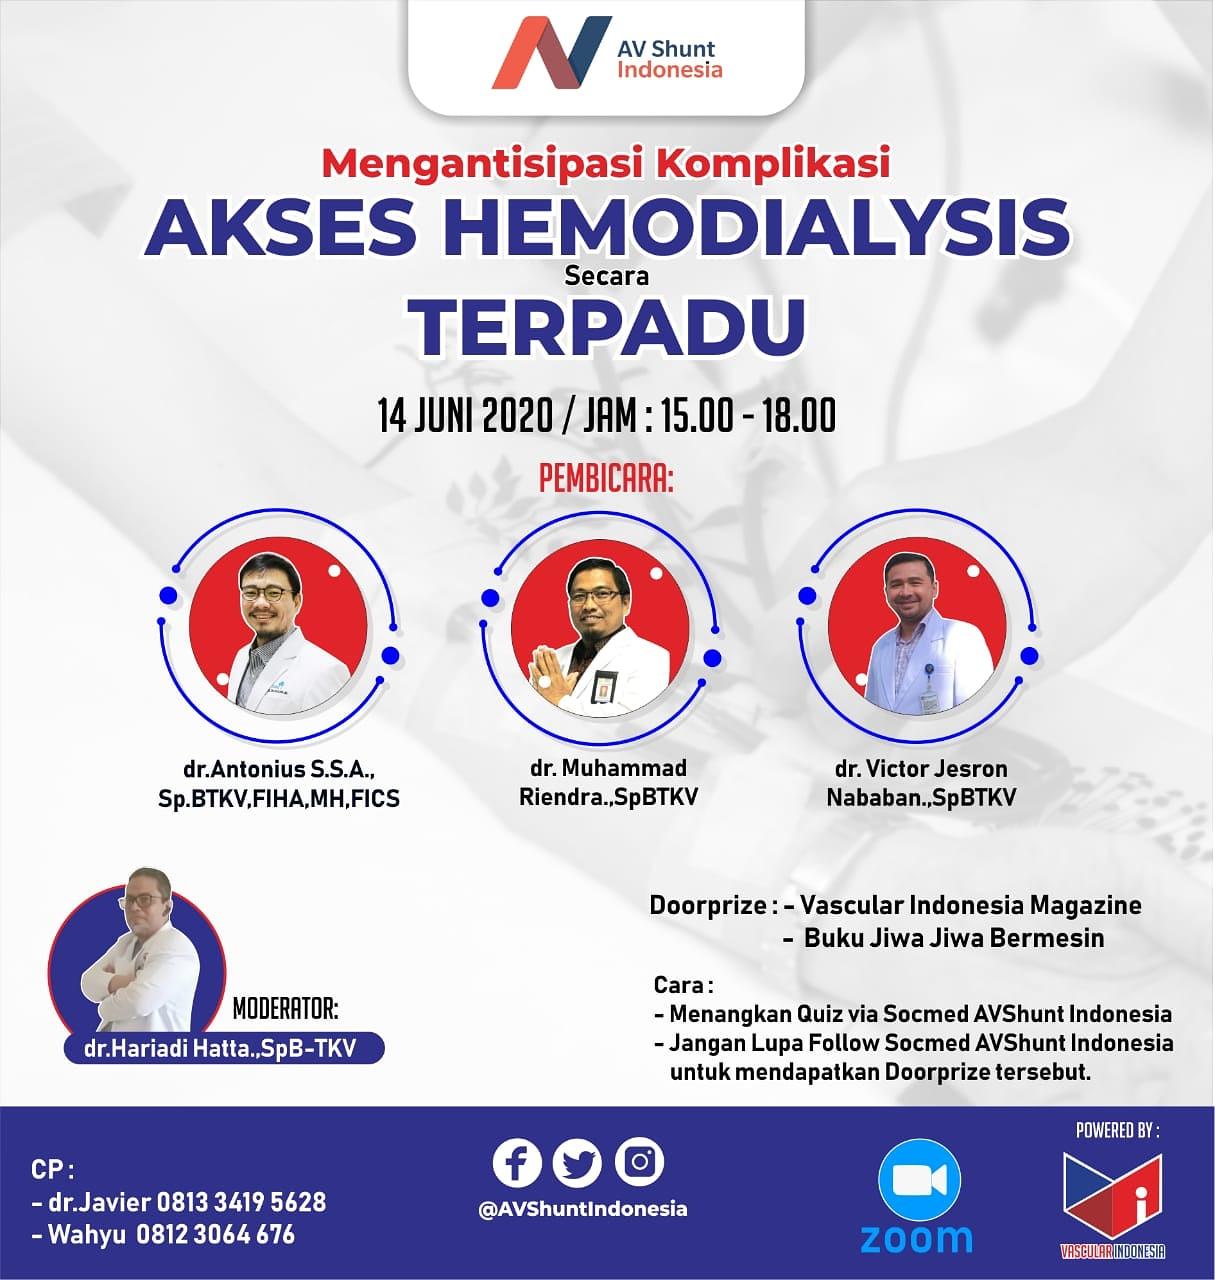 https://avshuntindonesia.com/images/blog/BLOG__mengantisipasi-komplikasi-akses-hemodialysis-secara-terpadu-__20200922063156.jpg